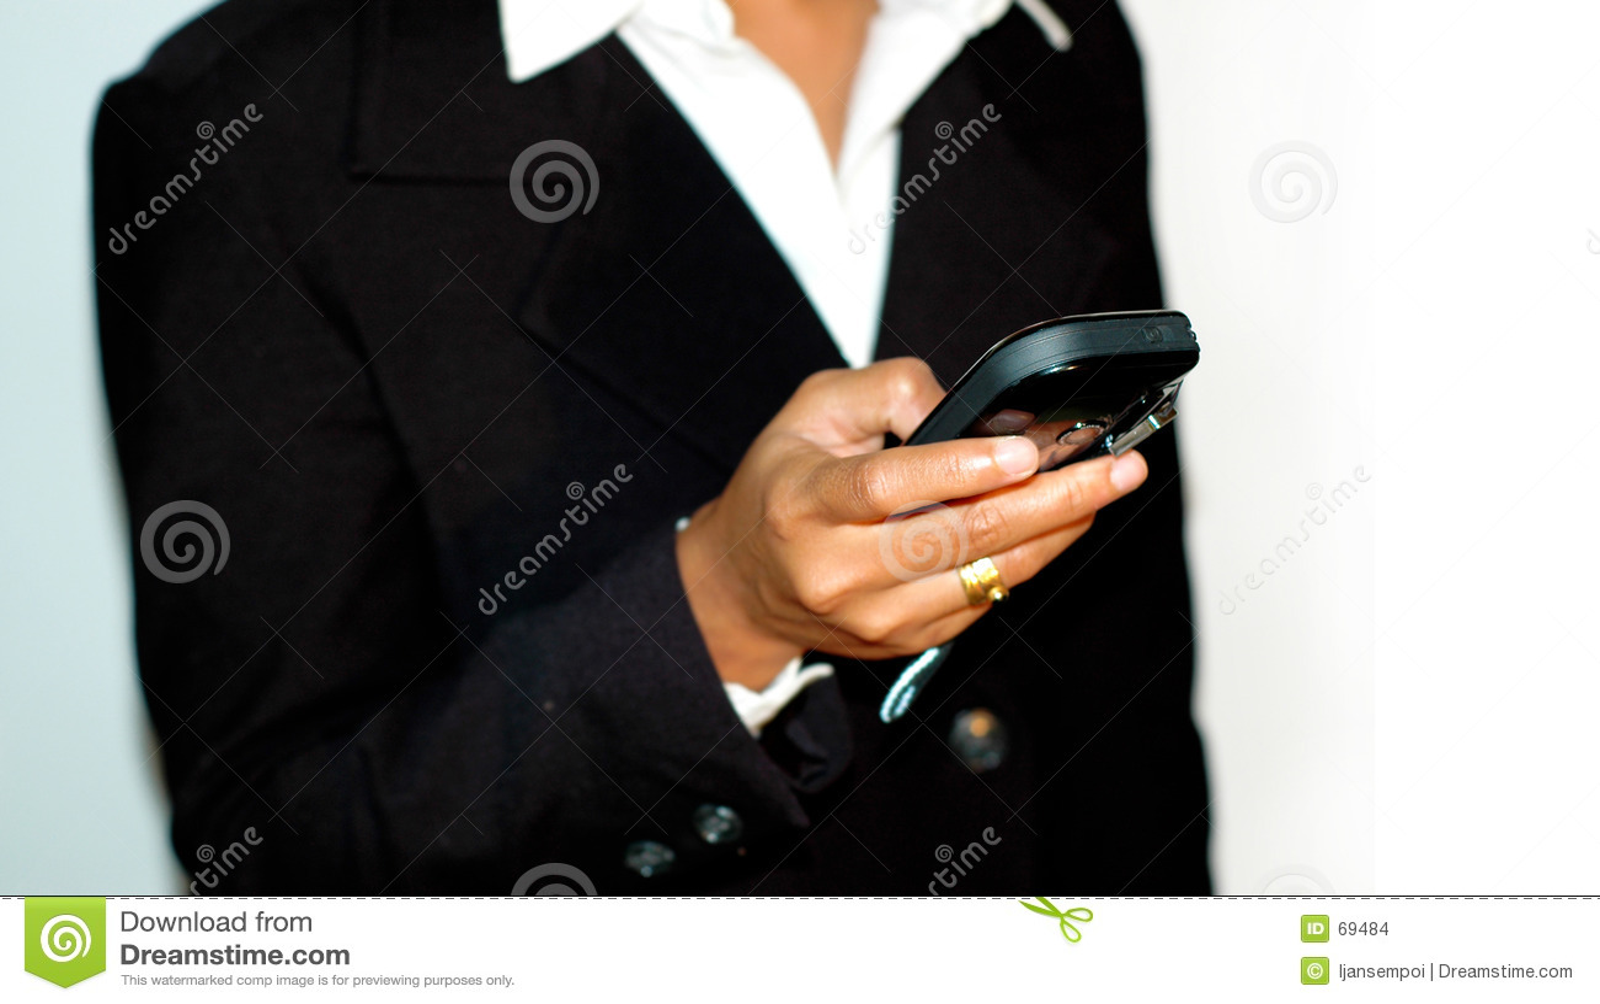 överföring av sms